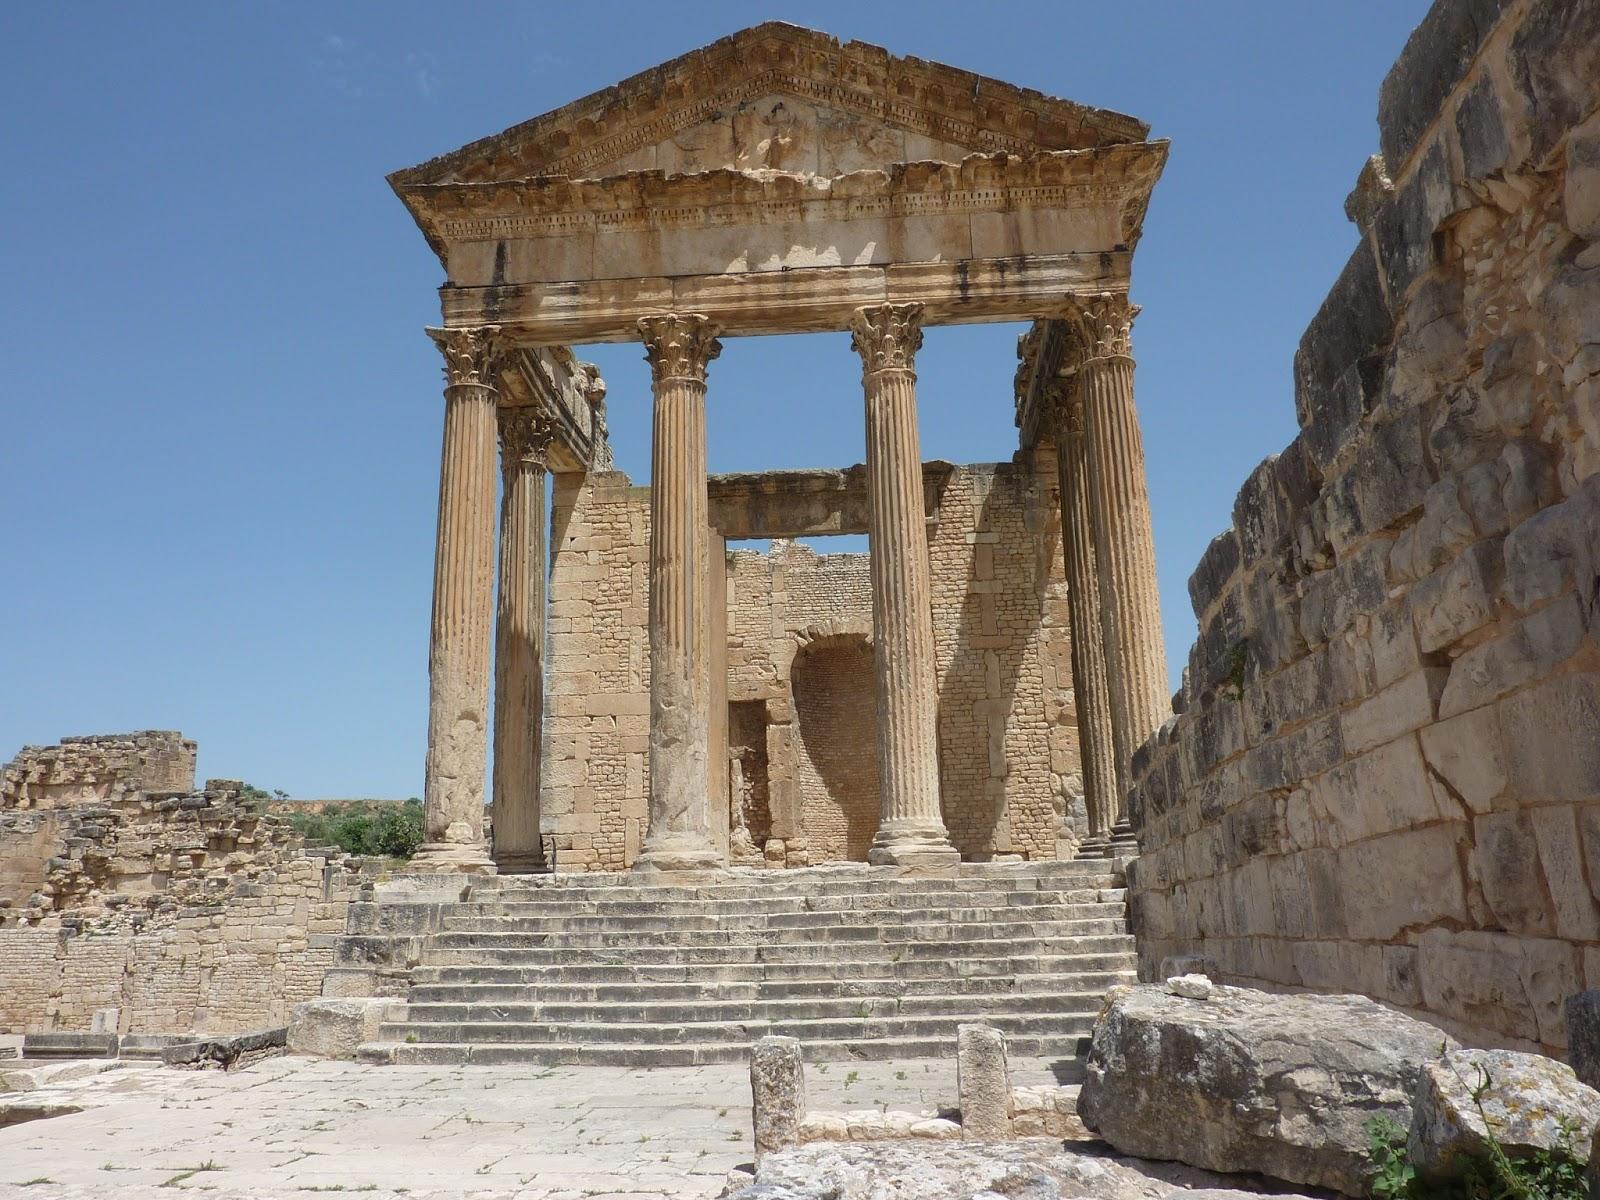 тунис дугга храм